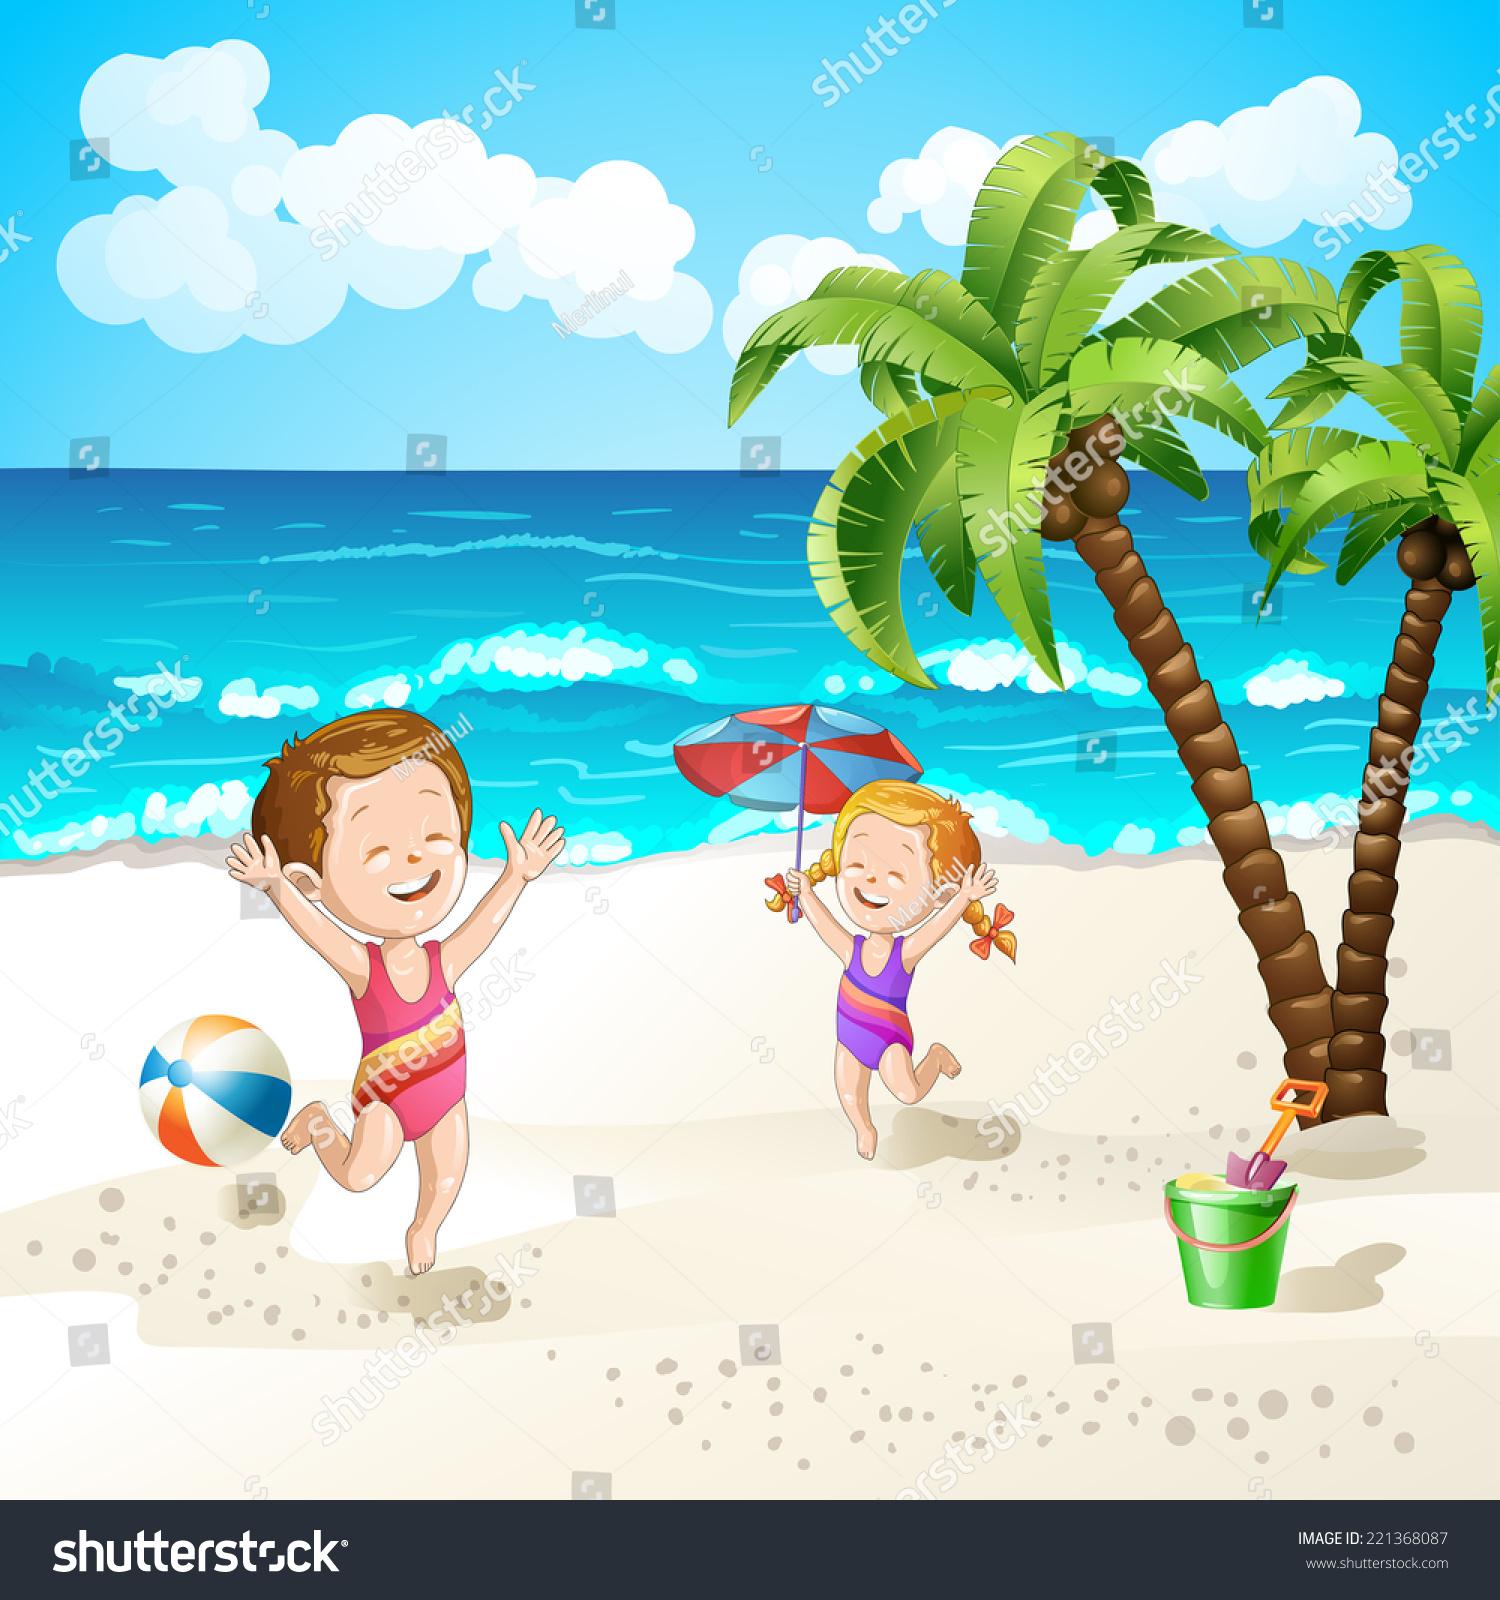 夏日沙滩主题简笔画